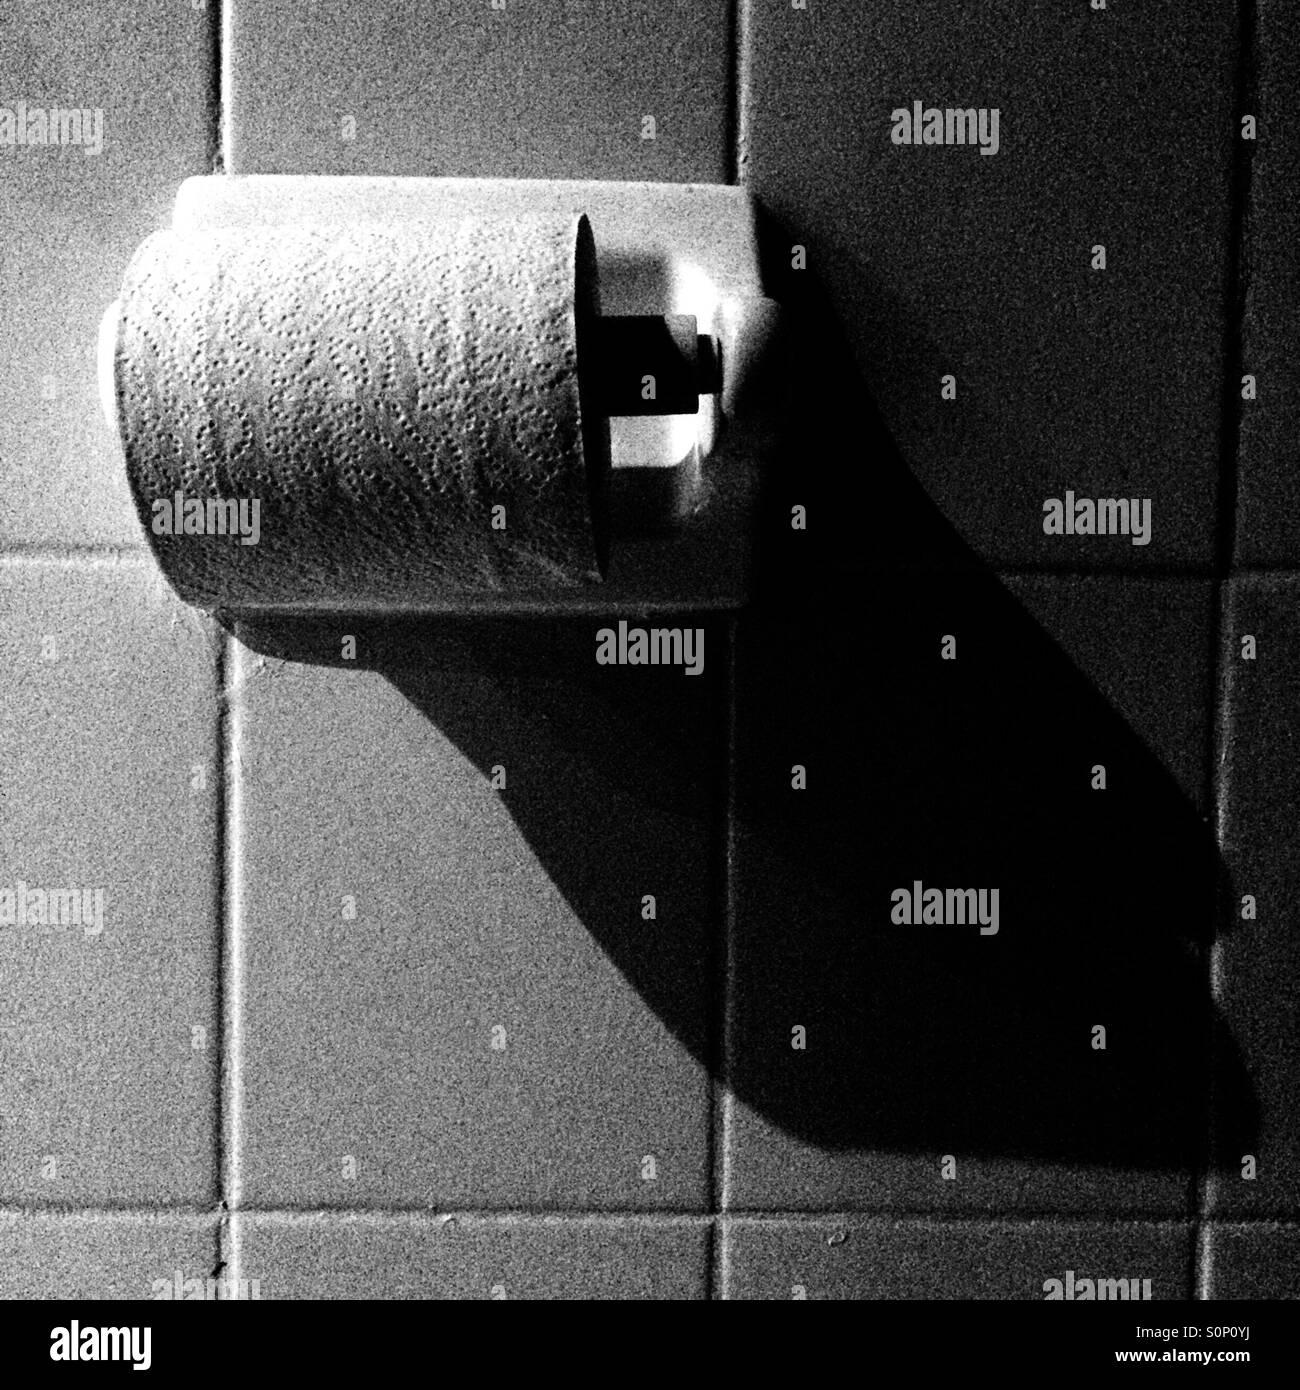 toilette paper - Stock Image